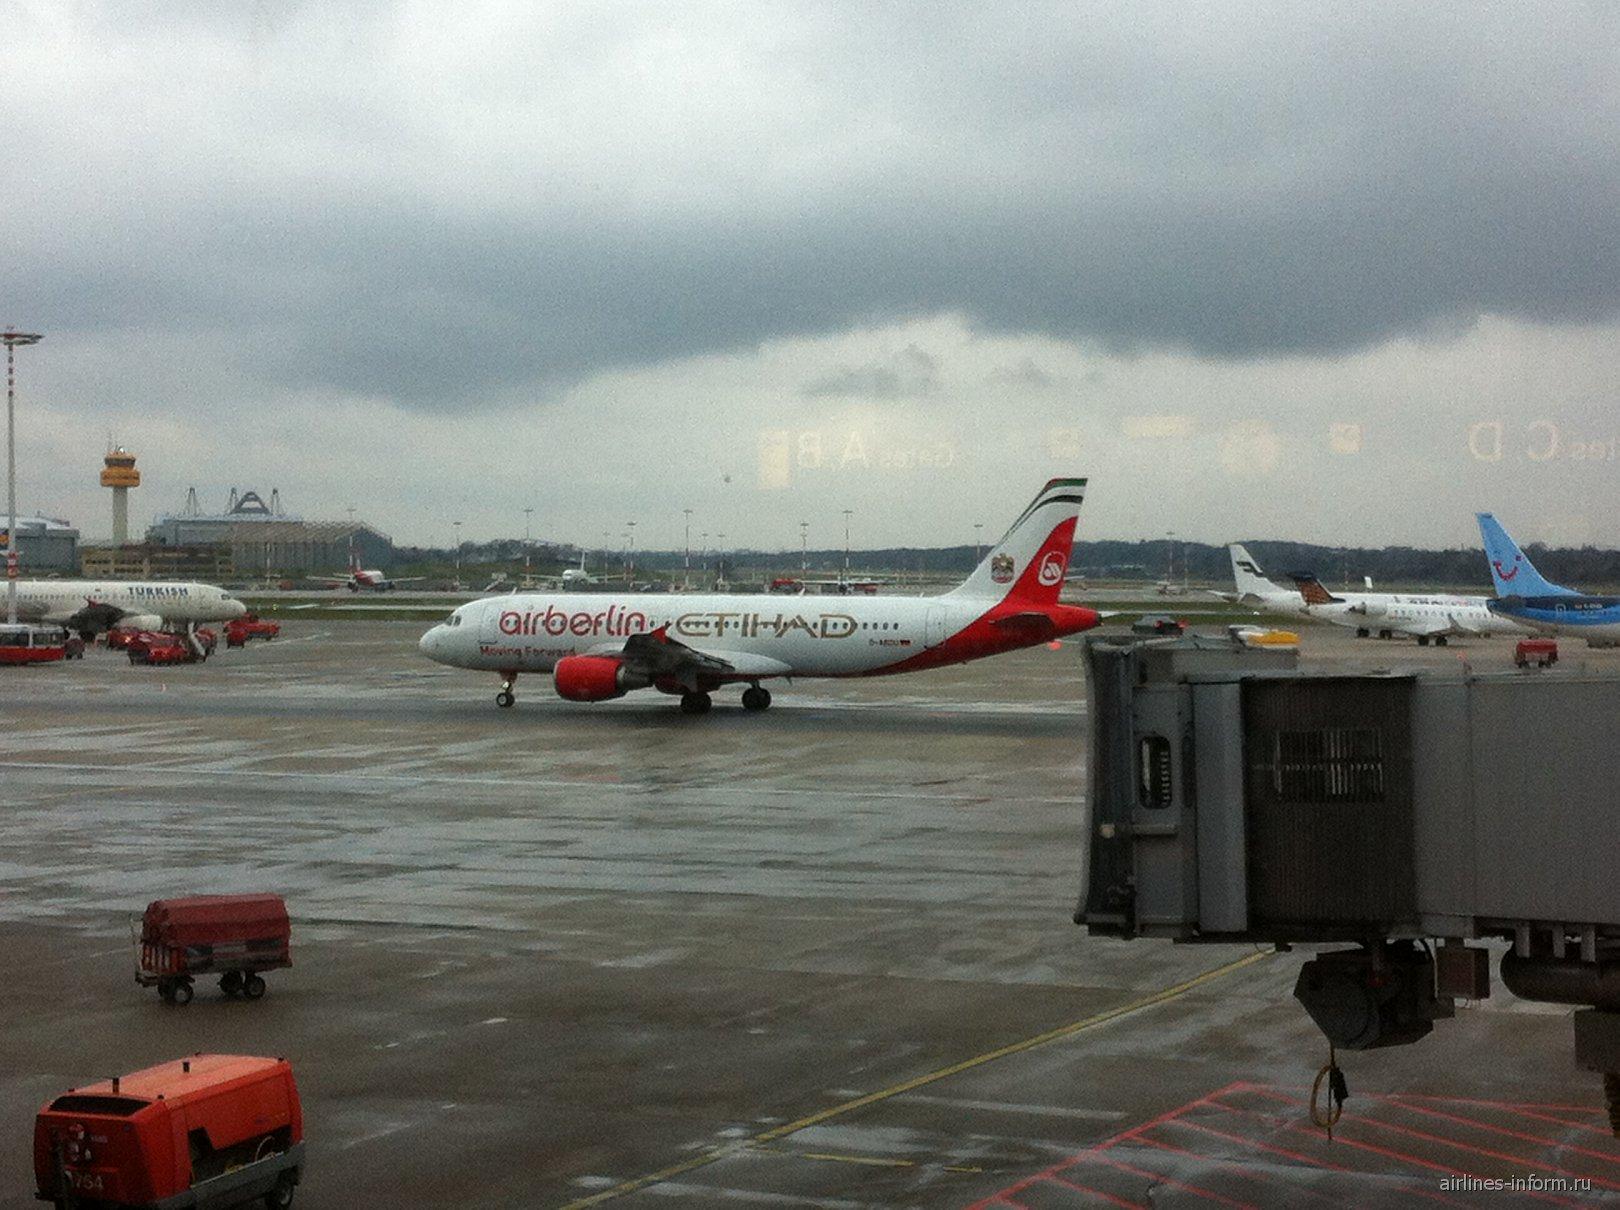 A320 Air berlin-Etihad в аэропорту Гамбург